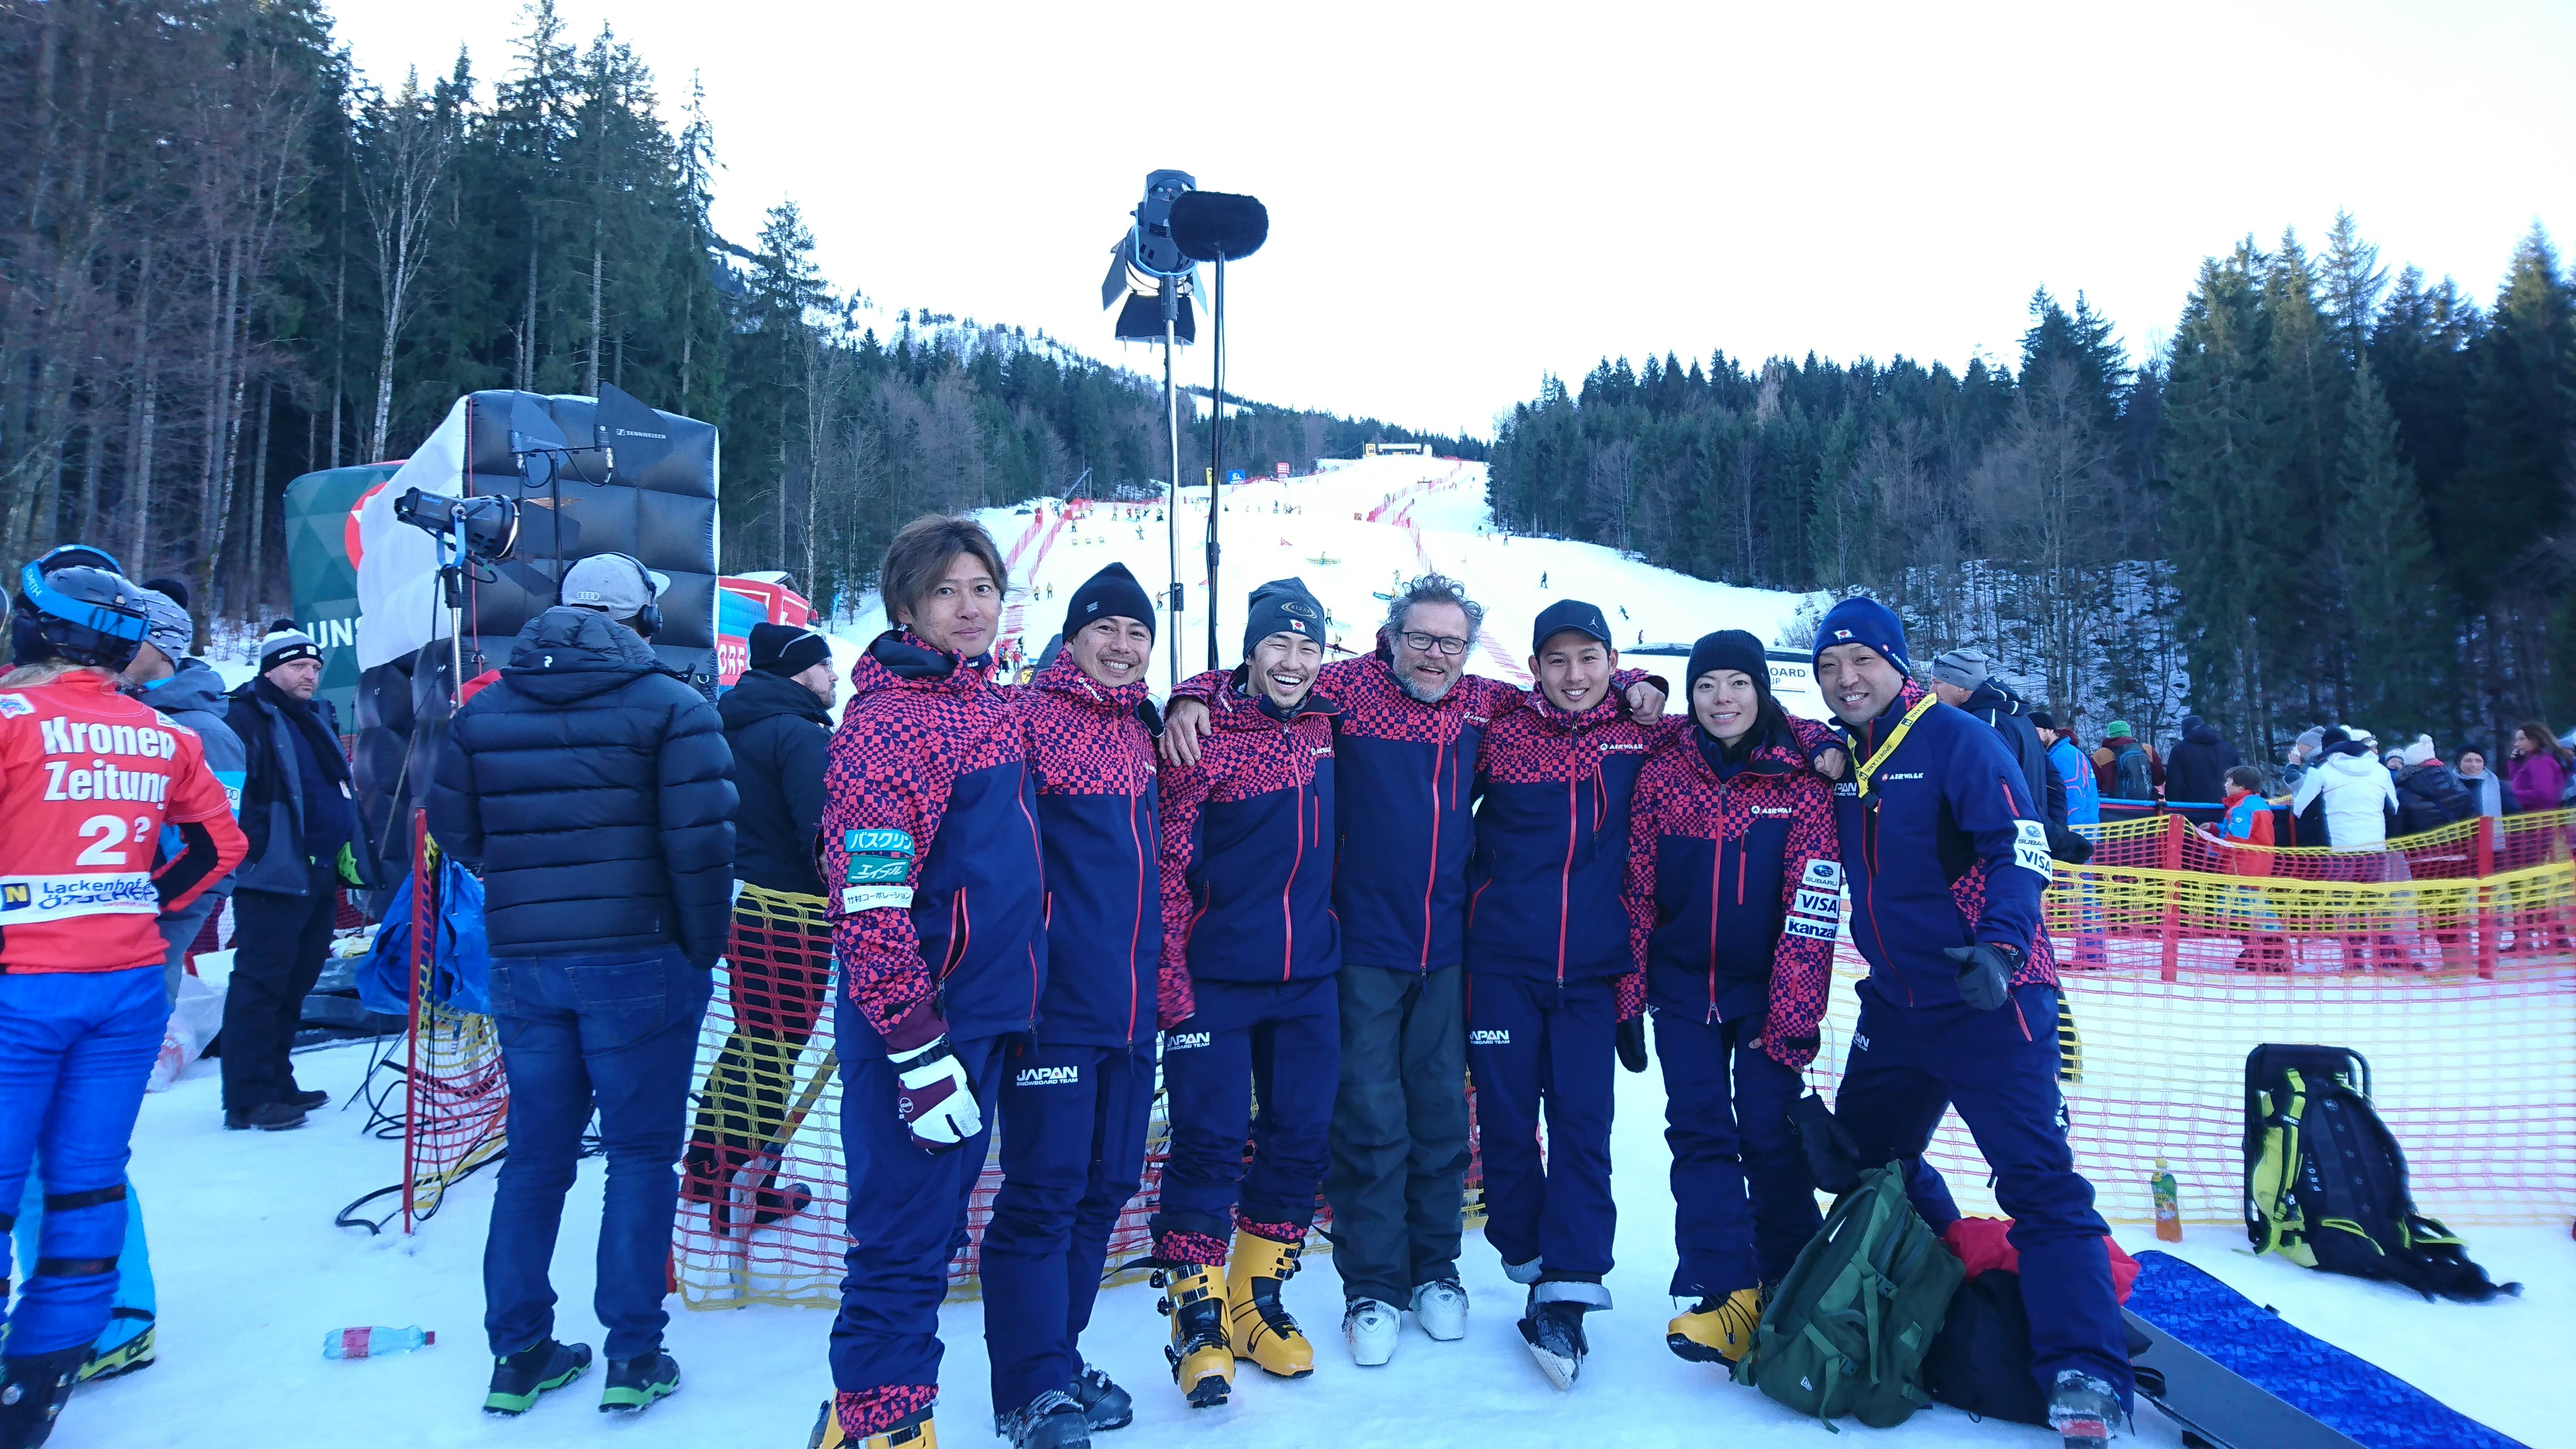 Japanアルペンスノーボードチーム ワールドカップ ラッケンホッフ(オーストリア)終了後